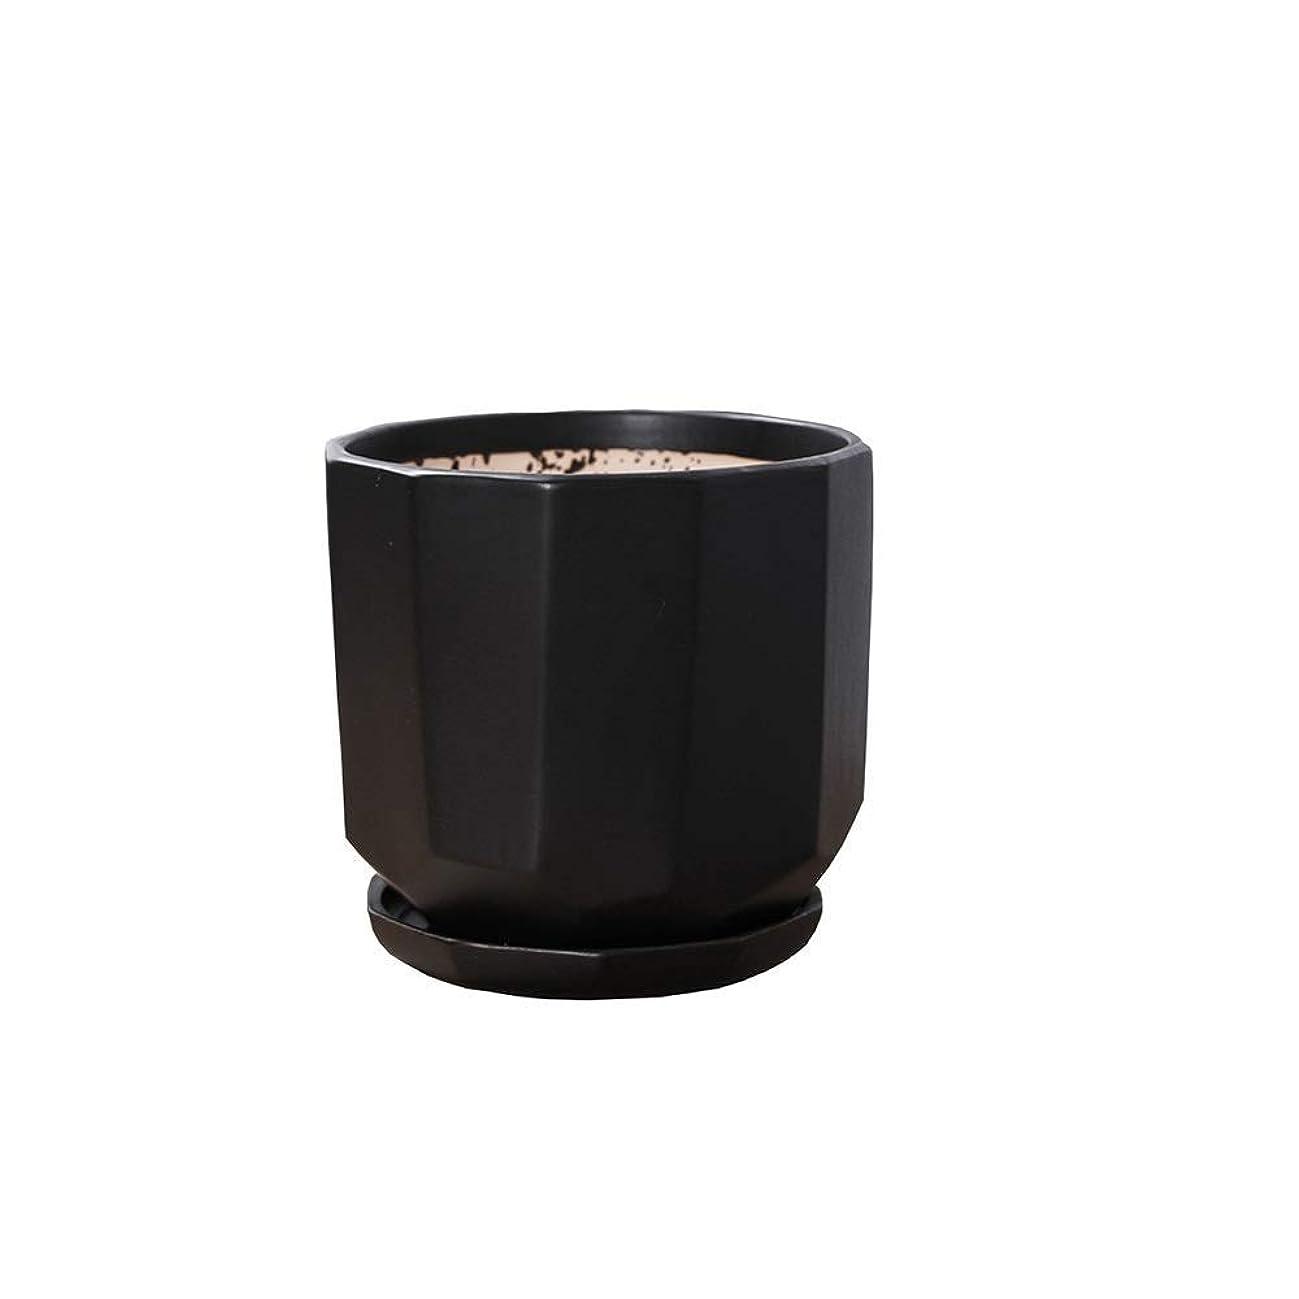 戦争単に獣YYQIANG シンプルなホワイトブラックセラミックフラワーポット、小型のセラミック工場ポットは、屋内と屋外のデスクトップ装飾フラワーポットトレイプランターオフィスデコレーション肉ボウル (Color : White, Size : L)